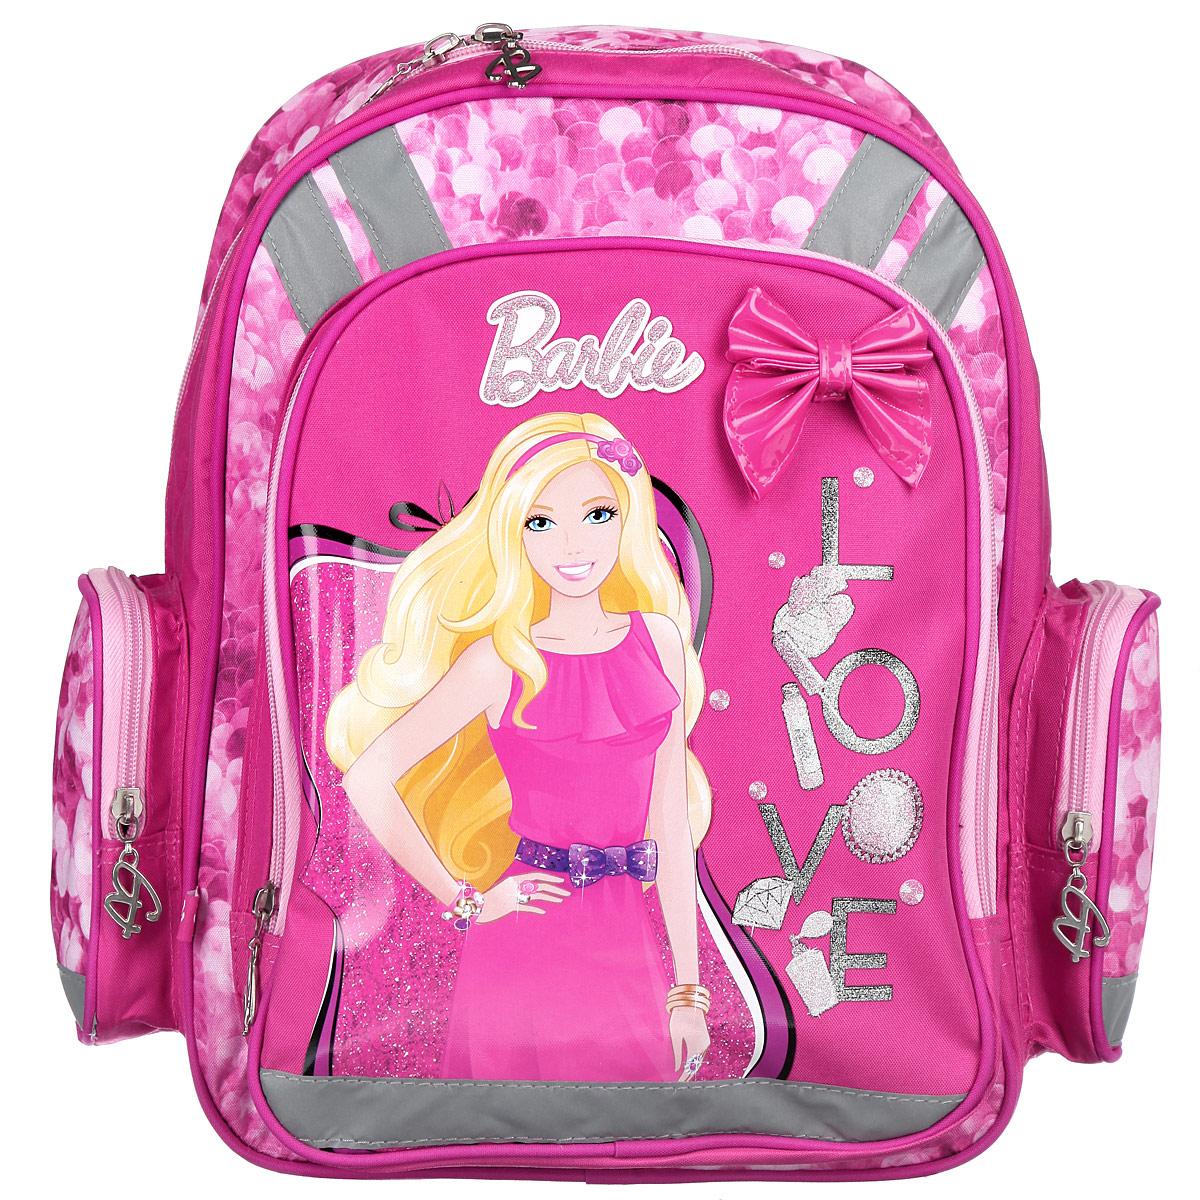 Рюкзак школьный Barbie, цвет: розовый, сиреневый. BRBB-RT2-836BRBB-RT2-836Школьный рюкзак Barbie привлечет внимание вашей школьницы. Выполнен из современных водонепроницаемых, износостойких материалов и оформлен изображением куклы Барби.Содержит вместительное отделение с двумя перегородками, которые позволяют разместить учебные принадлежности формата А4. Дно рюкзака можно сделать жестким, разложив специальную панель с пластиковой вставкой, что повышает сохранность содержимого рюкзака и способствует правильному распределению нагрузки. Лицевая сторона оснащена накладным карманом на молнии. По бокам расположены два накладных кармана также на застежке-молнии. Спинка выполнена с использованием вставки из эластичного упругого материала и специально расположенных элементов, служащих для правильного и безопасного распределения нагрузки на спину ребенка. Лямки рюкзака с поролоном и воздухообменной сеткой регулируются по длине, обеспечивая комфорт при ношении рюкзака. Изделие оснащено Рюкзак оснащен эргономичной ручкой для удобной переноски в руке. Светоотражающие элементы обеспечивают безопасность в темное время суток.Многофункциональный школьный рюкзак станет незаменимым спутником вашего ребенка в походах за знаниями.Рекомендуемый возраст: от 7 лет.